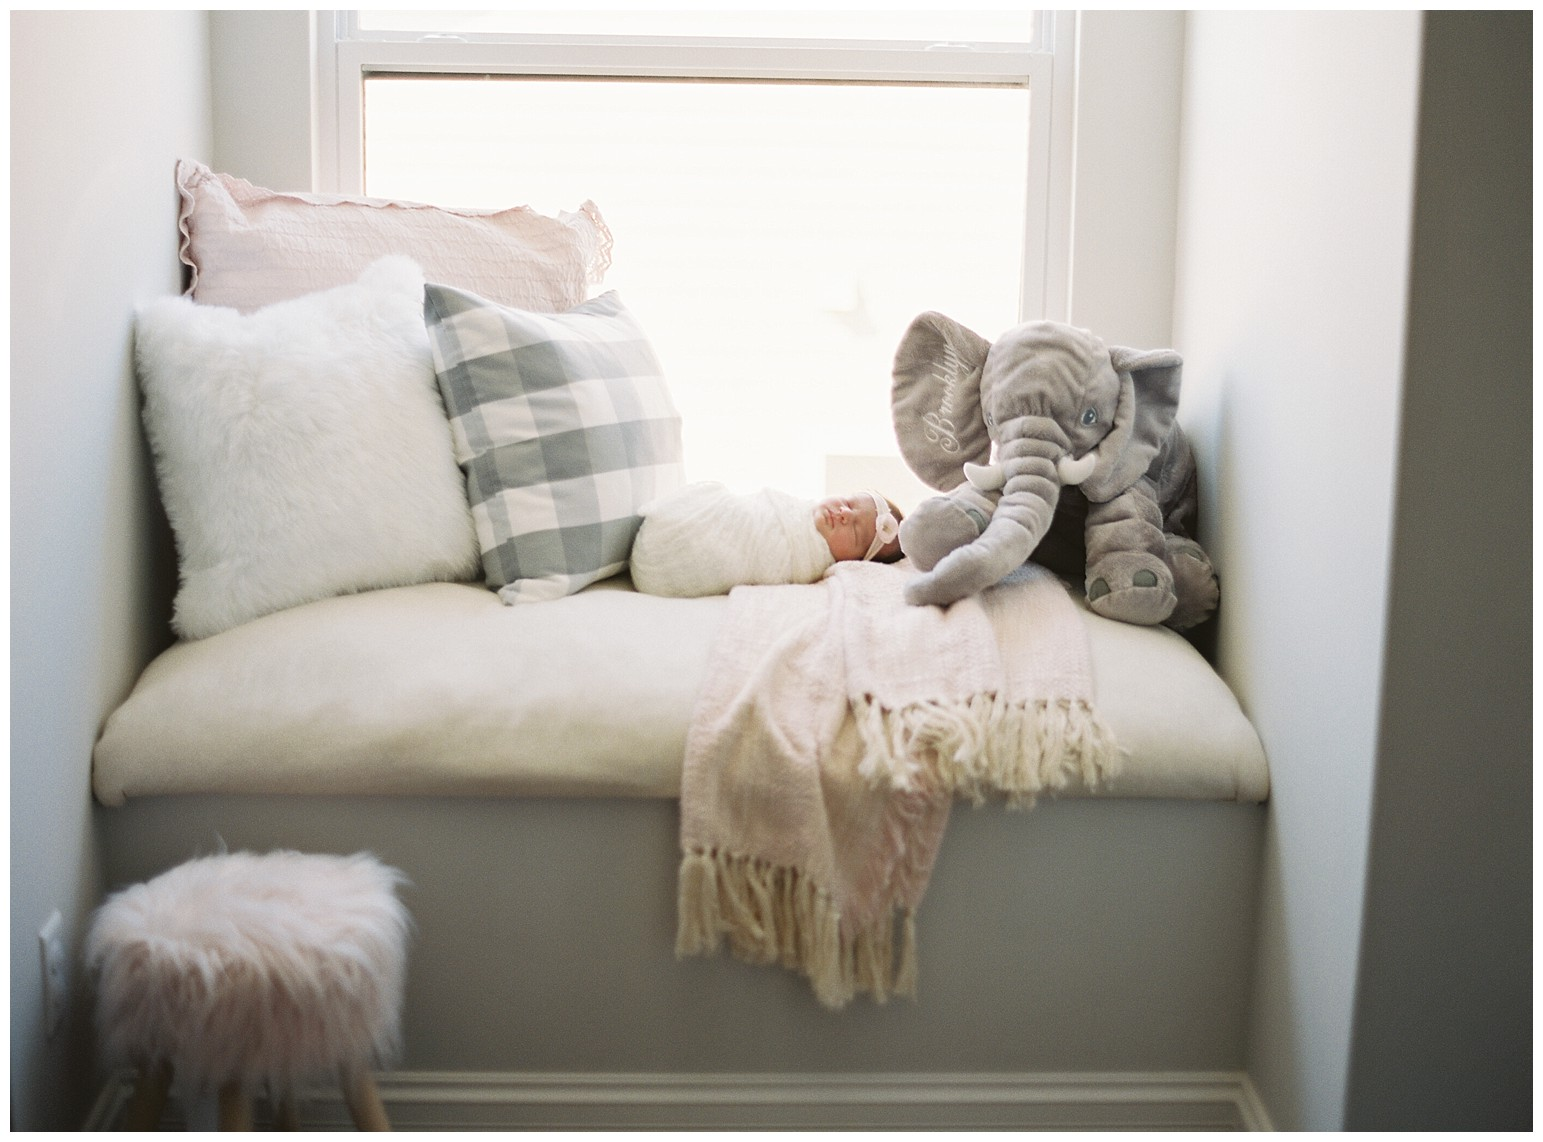 st louis photography_maternity_lauren muckler photography_film_st louis film photographer_0339.jpg